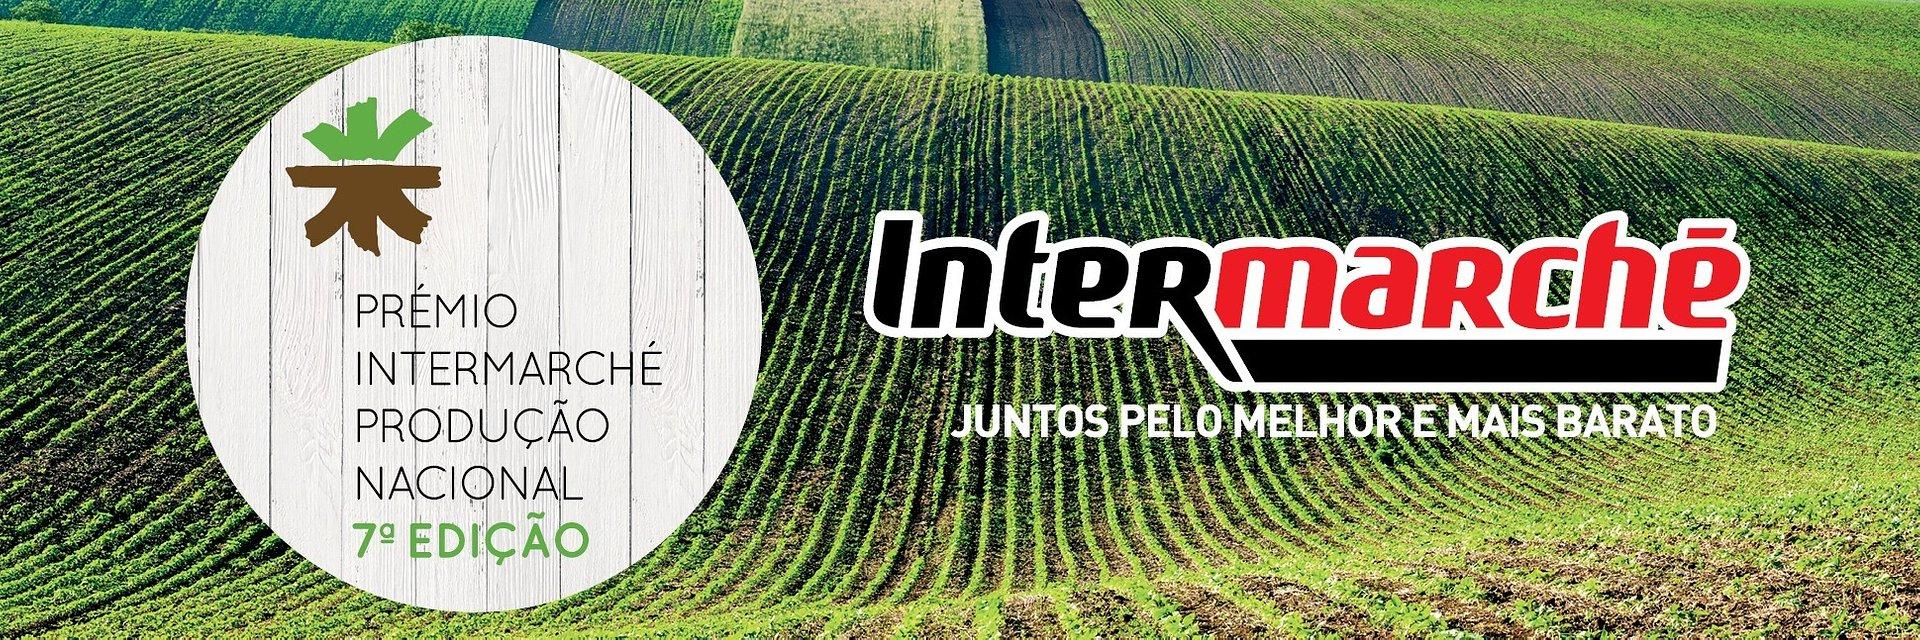 Prémio Intermarché Produção Nacional abre o linear de 255 lojas ao melhor do país